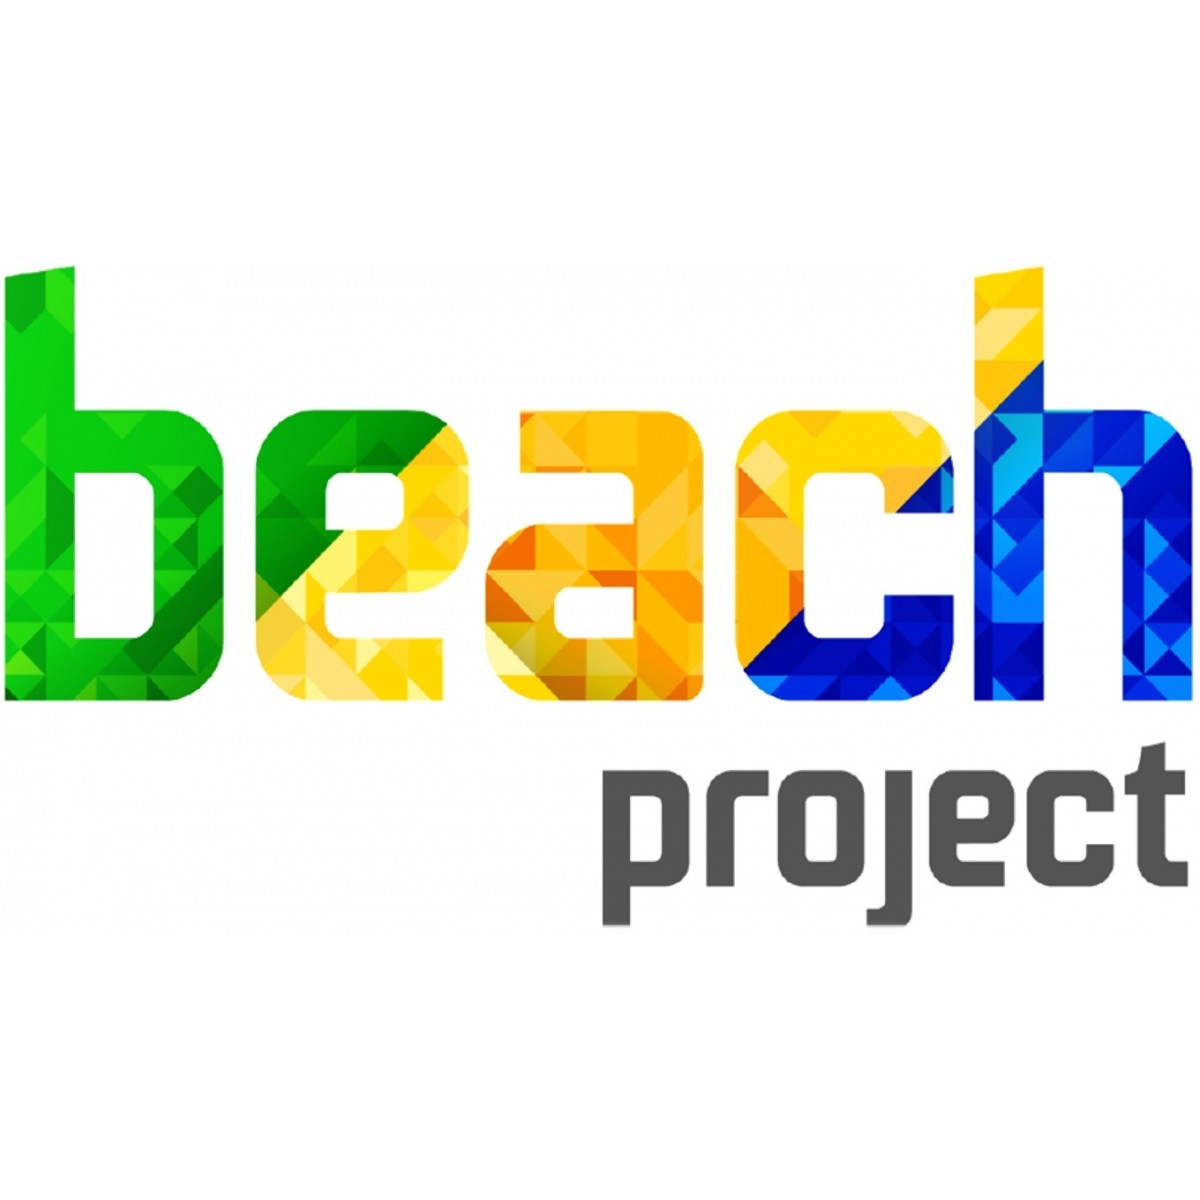 Inscrição 2 - BEACH Project  - CENTRAL DE PAGAMENTOS IFMSA BRAZIL